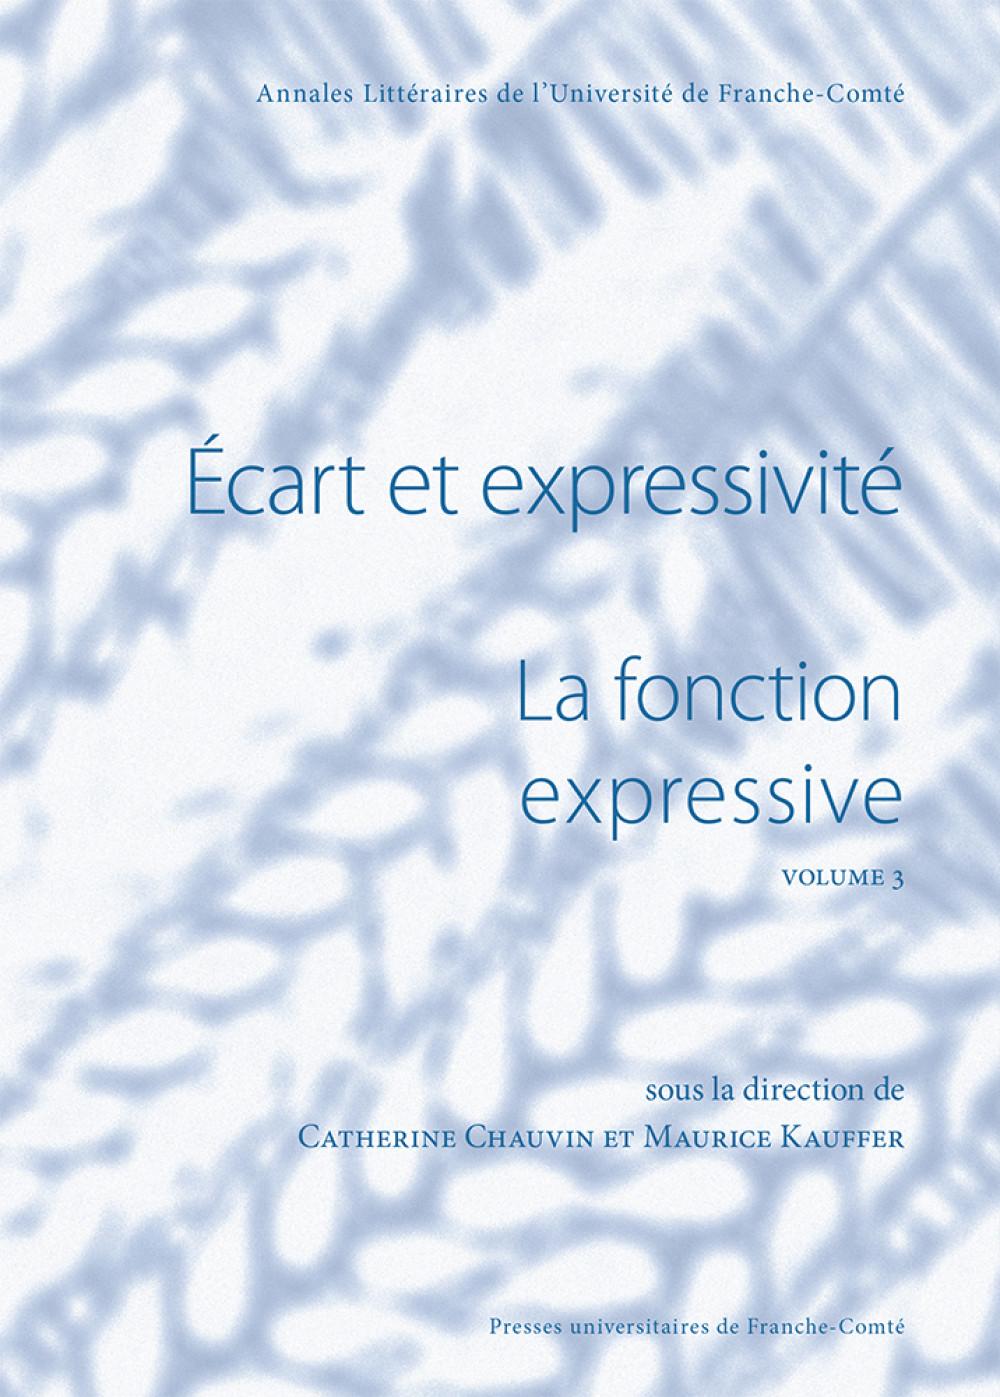 La fonction expressive volume 3